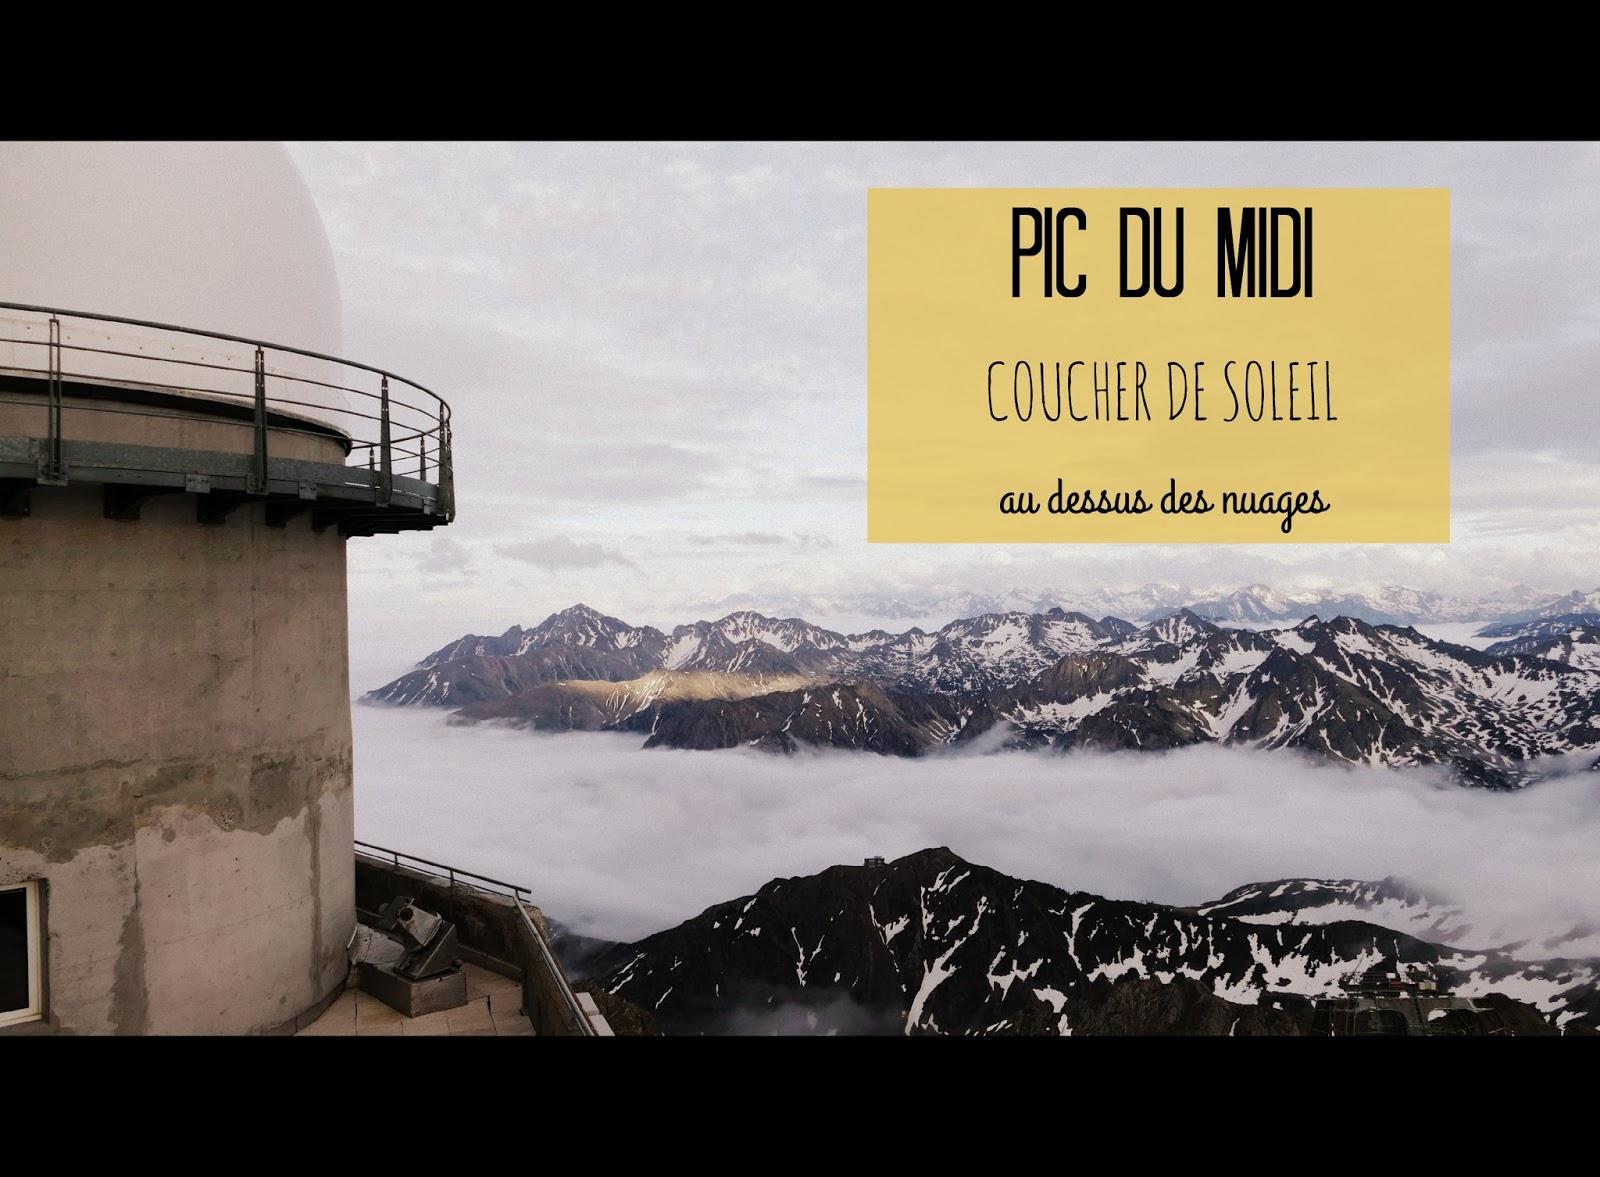 Pic du Midi au dessus des nuages